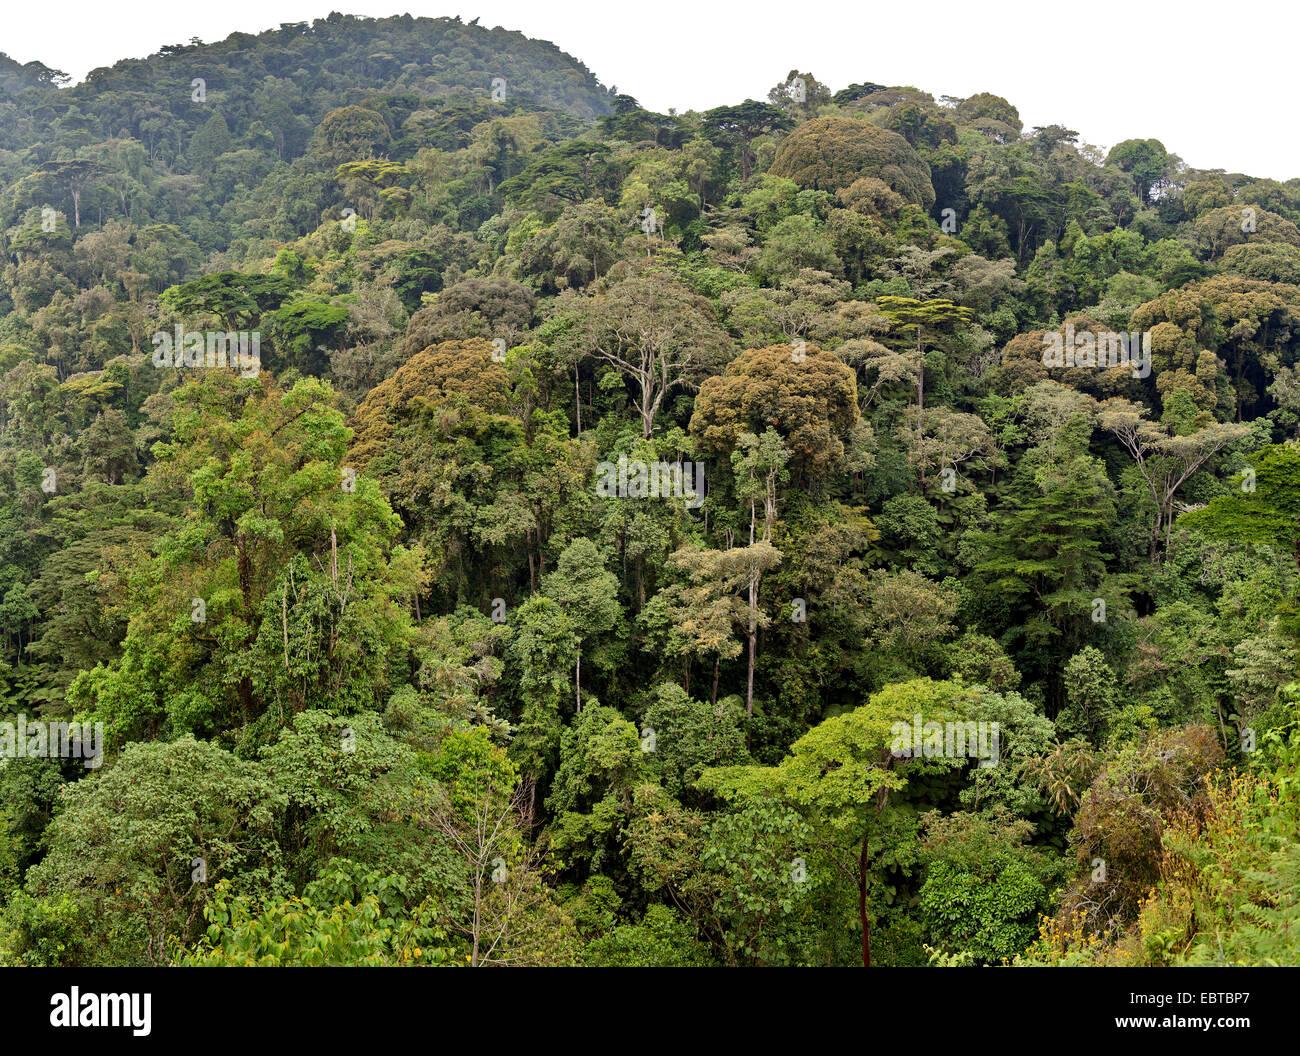 rainforest, Uganda, Bwindi Impenetrable National Park - Stock Image